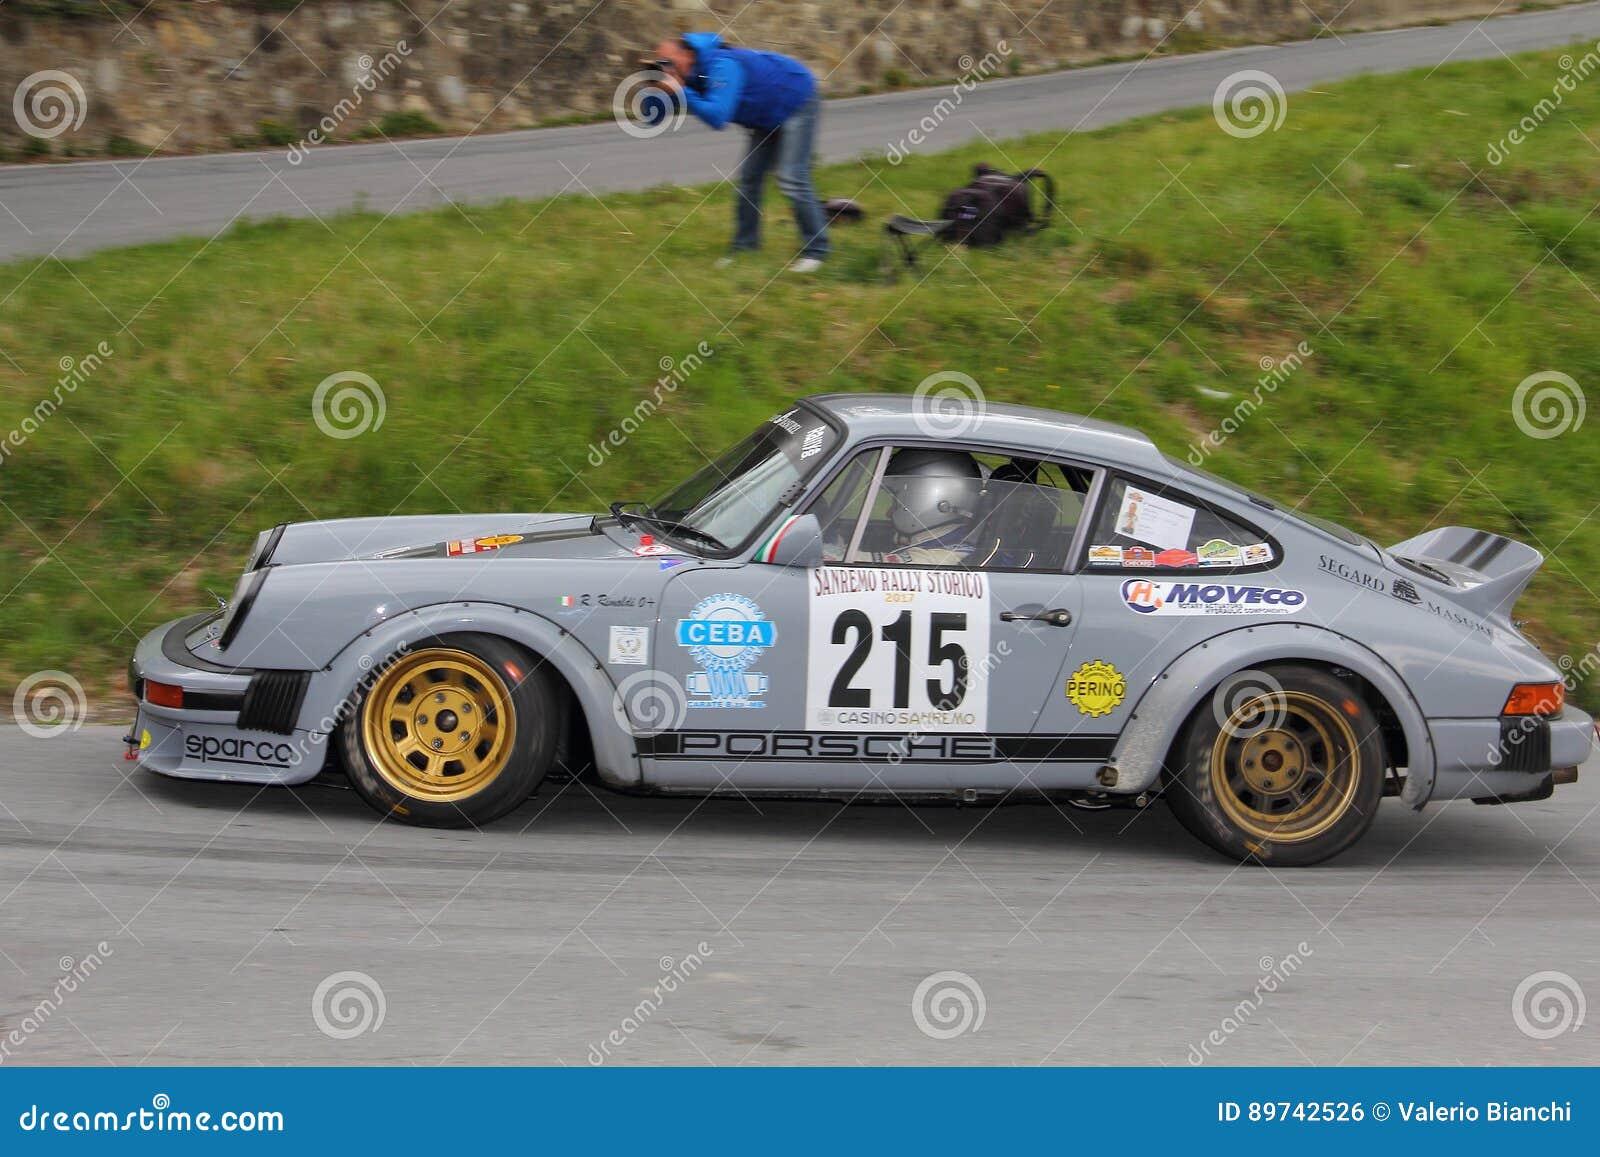 Porsche 911 Sc Race During The 64th Sanremo Rally Editorial Photo